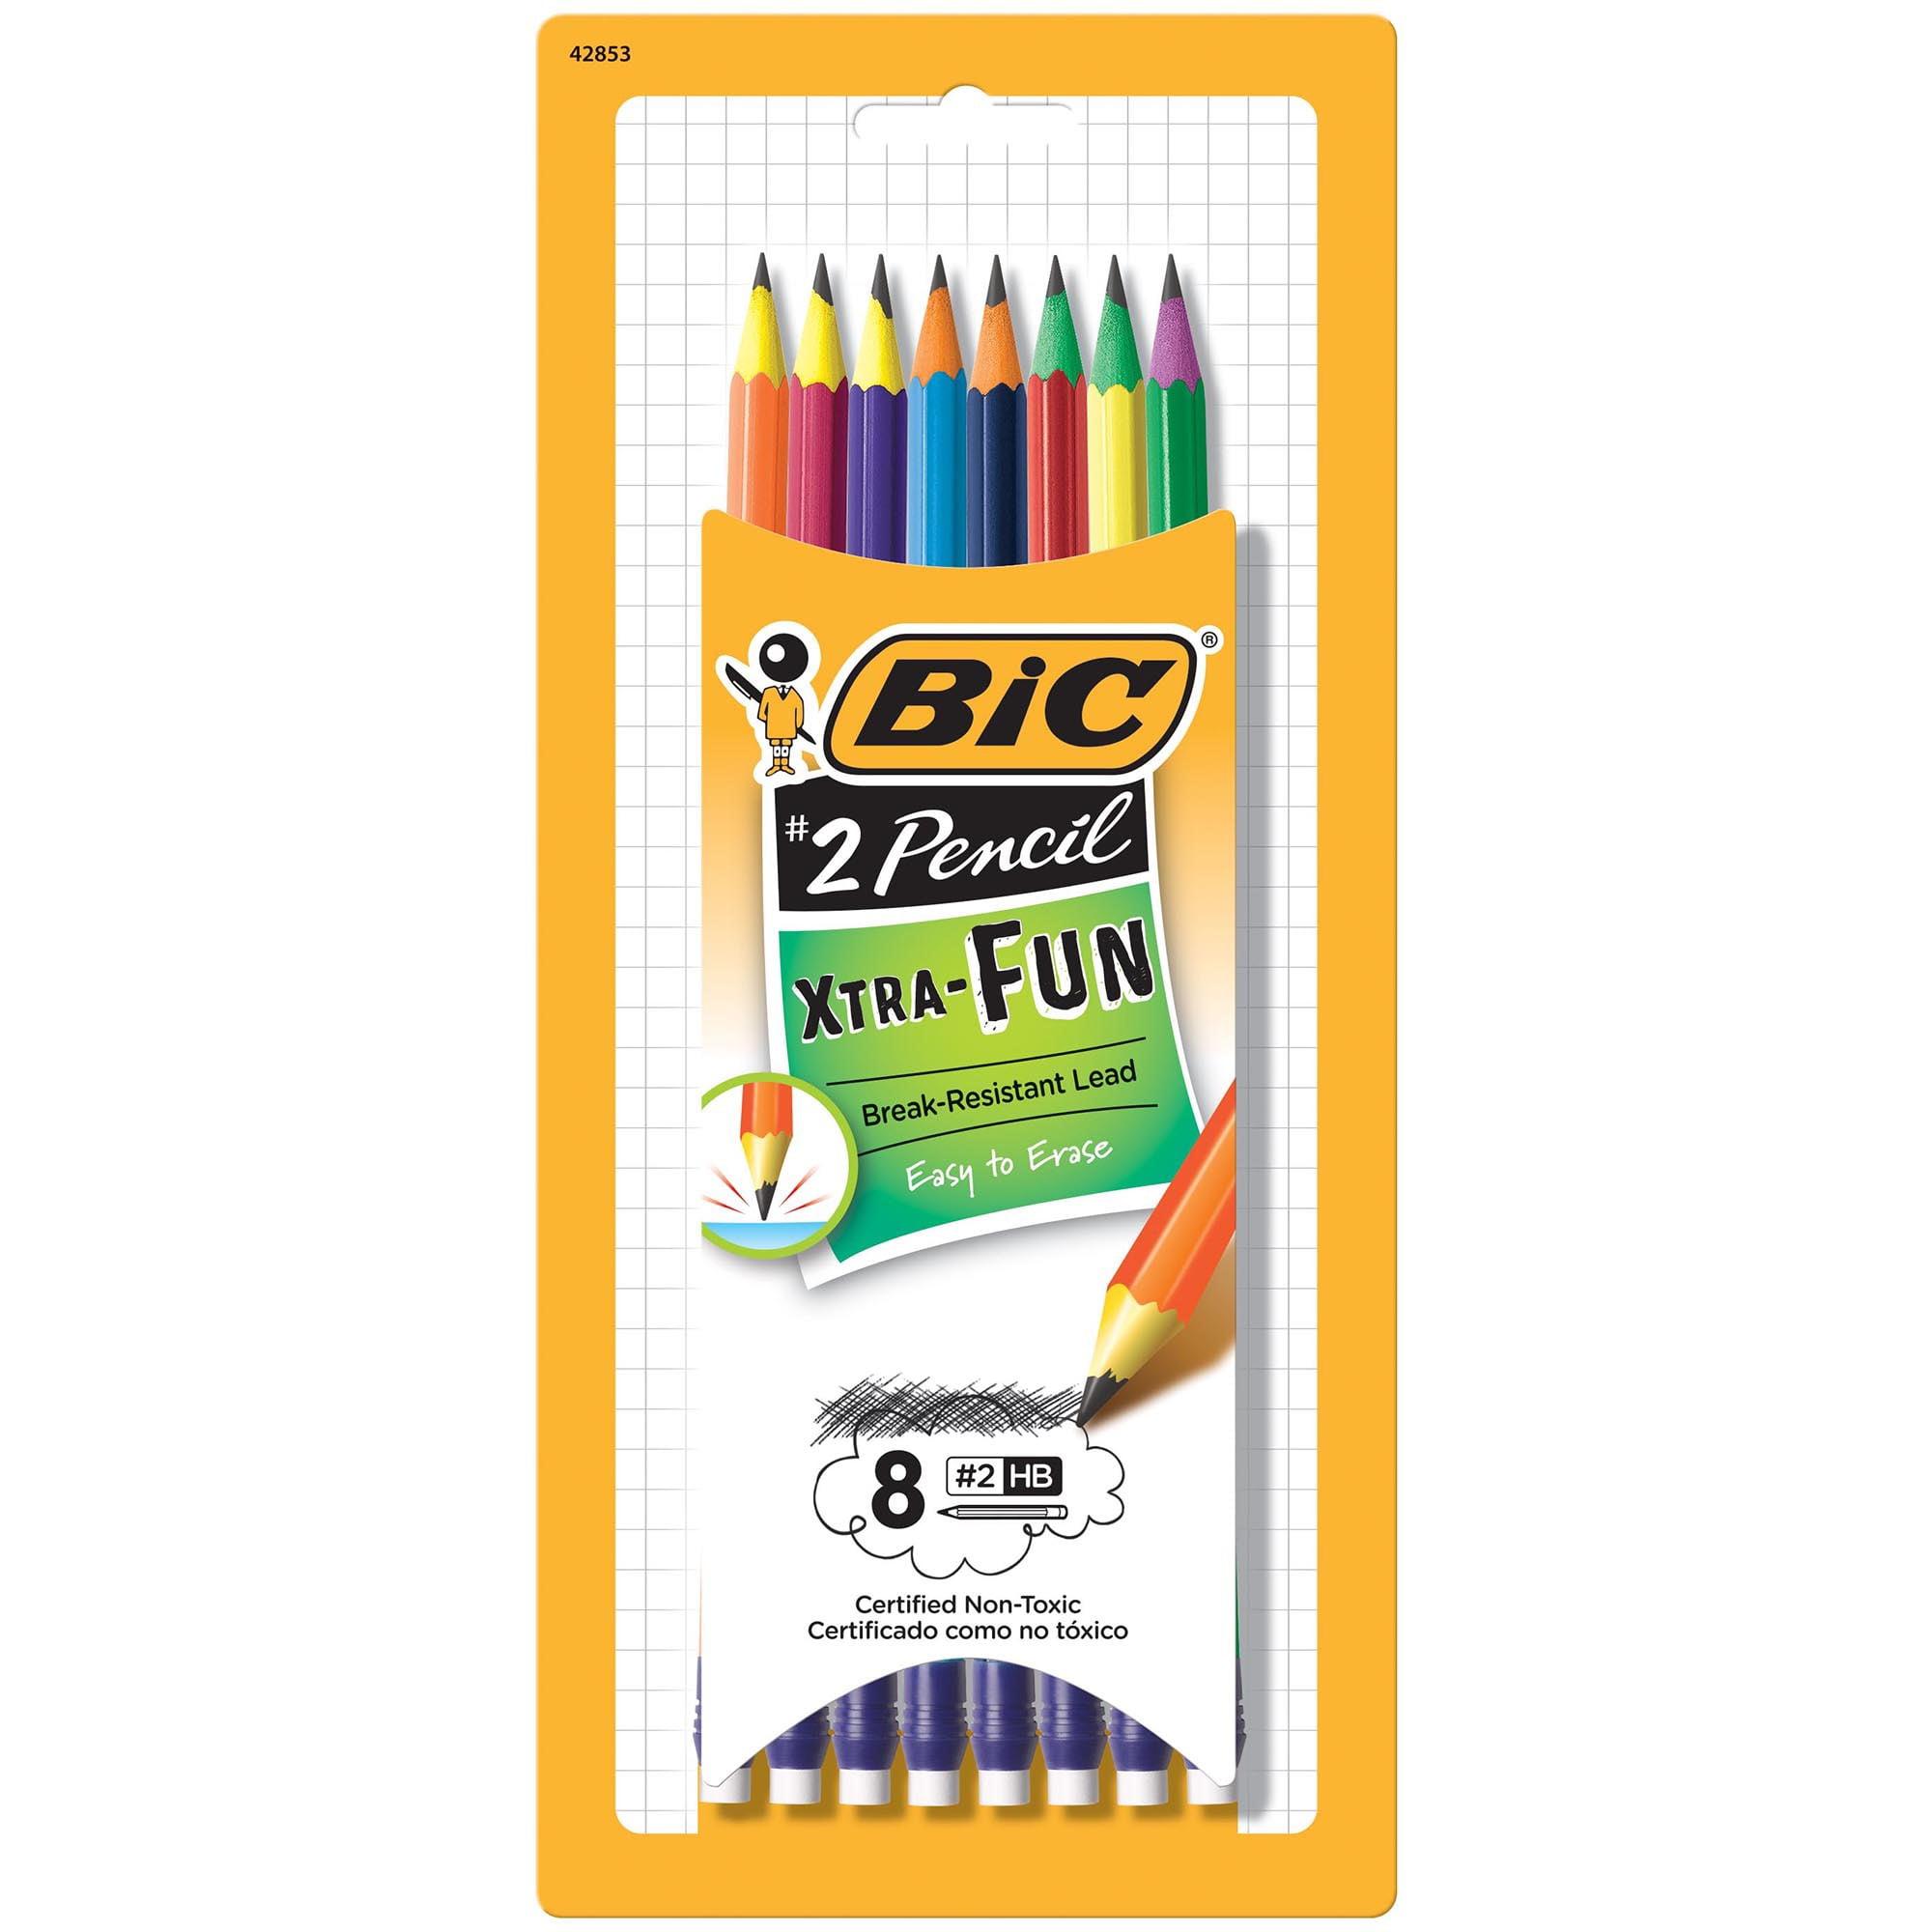 BIC Pencil Xtra Fun Graphite Pencil, #2 HB, 8-Count